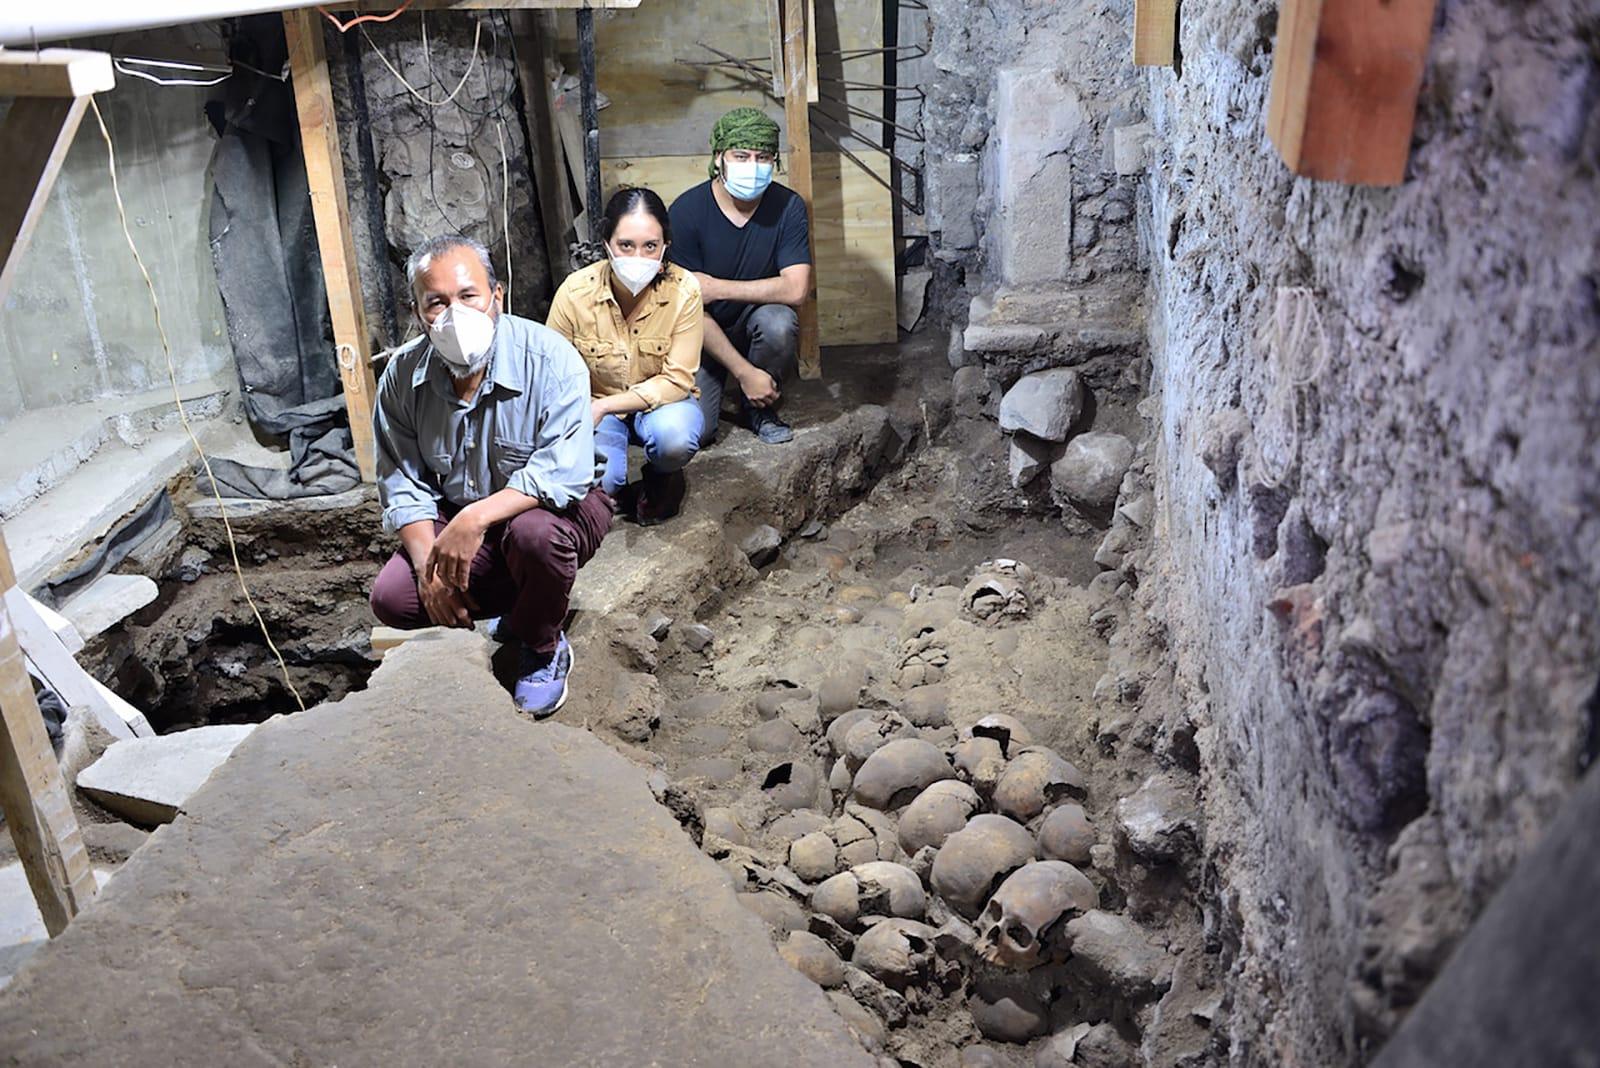 تضمنت أطفالا ونساء ورجال .. الكشف عن أكثر من 100 جمجمة في موقع لشعب الأزتك في مكسيكو سيتي